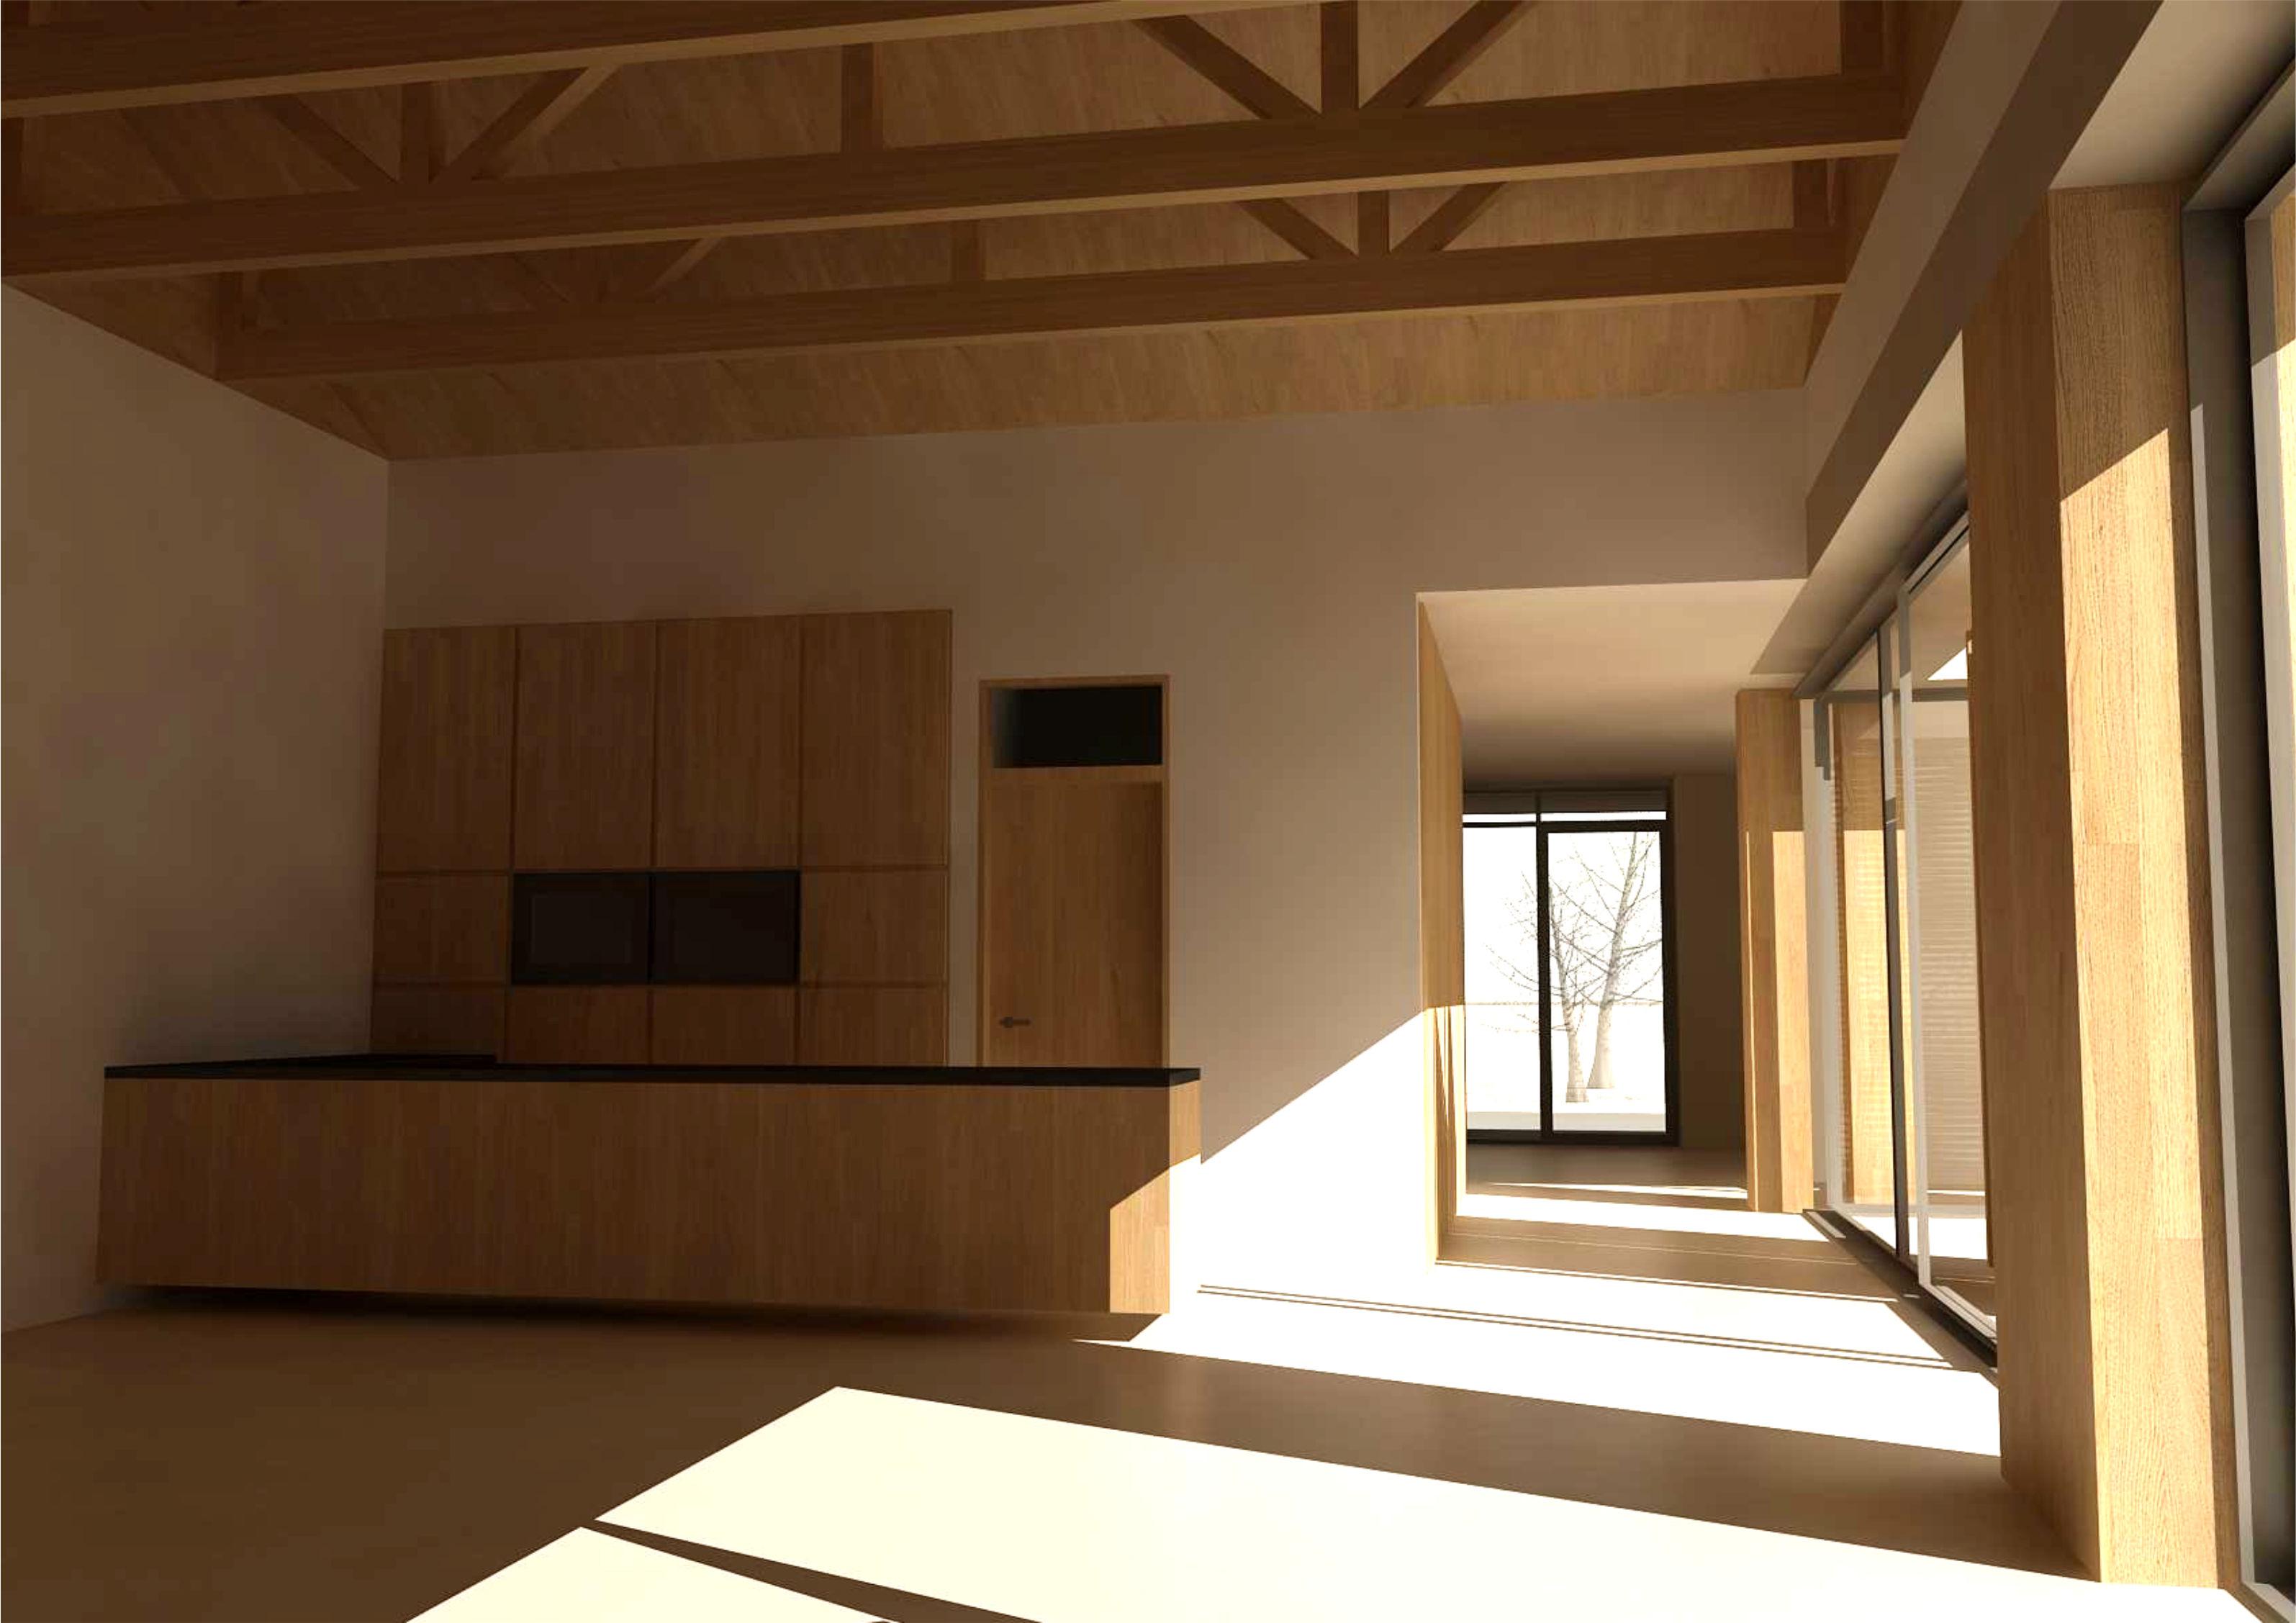 Projekt stavby rodinného domu VII 07